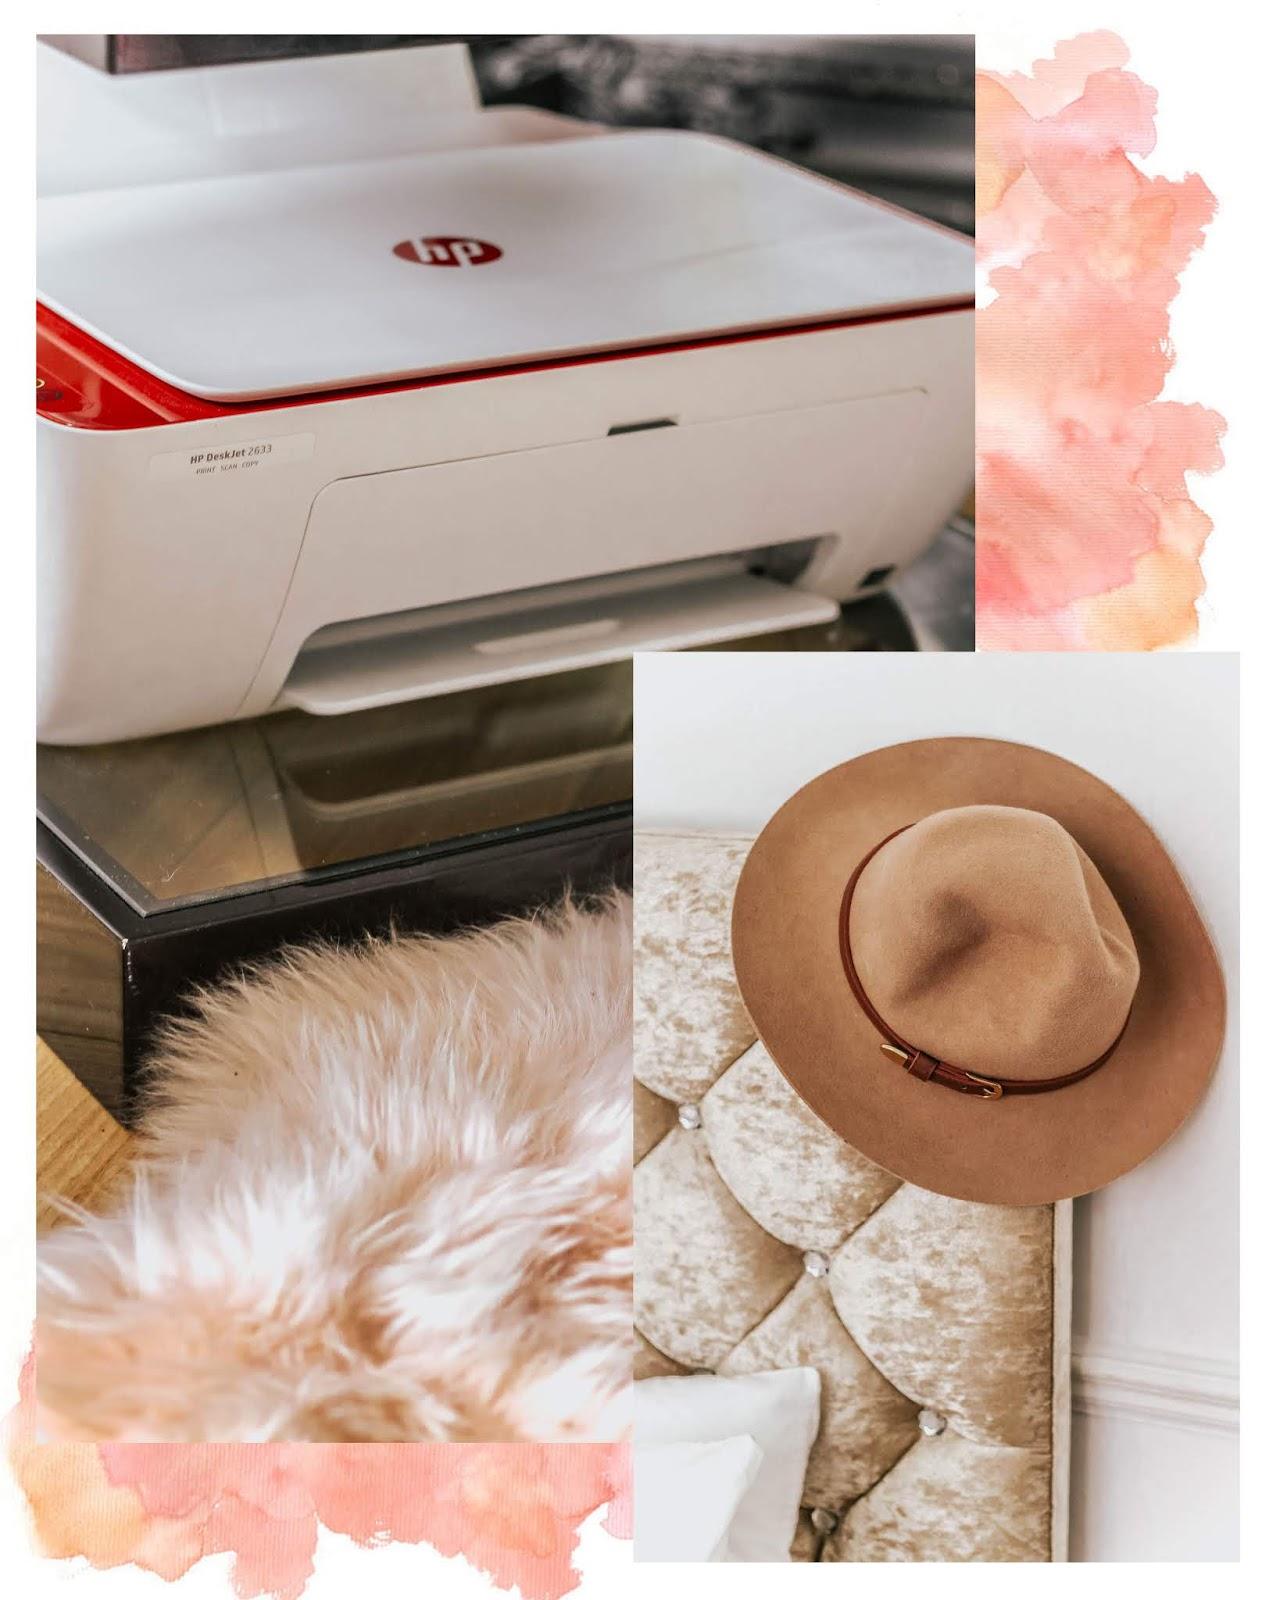 HP Deskjet 3762 Printer White and Red